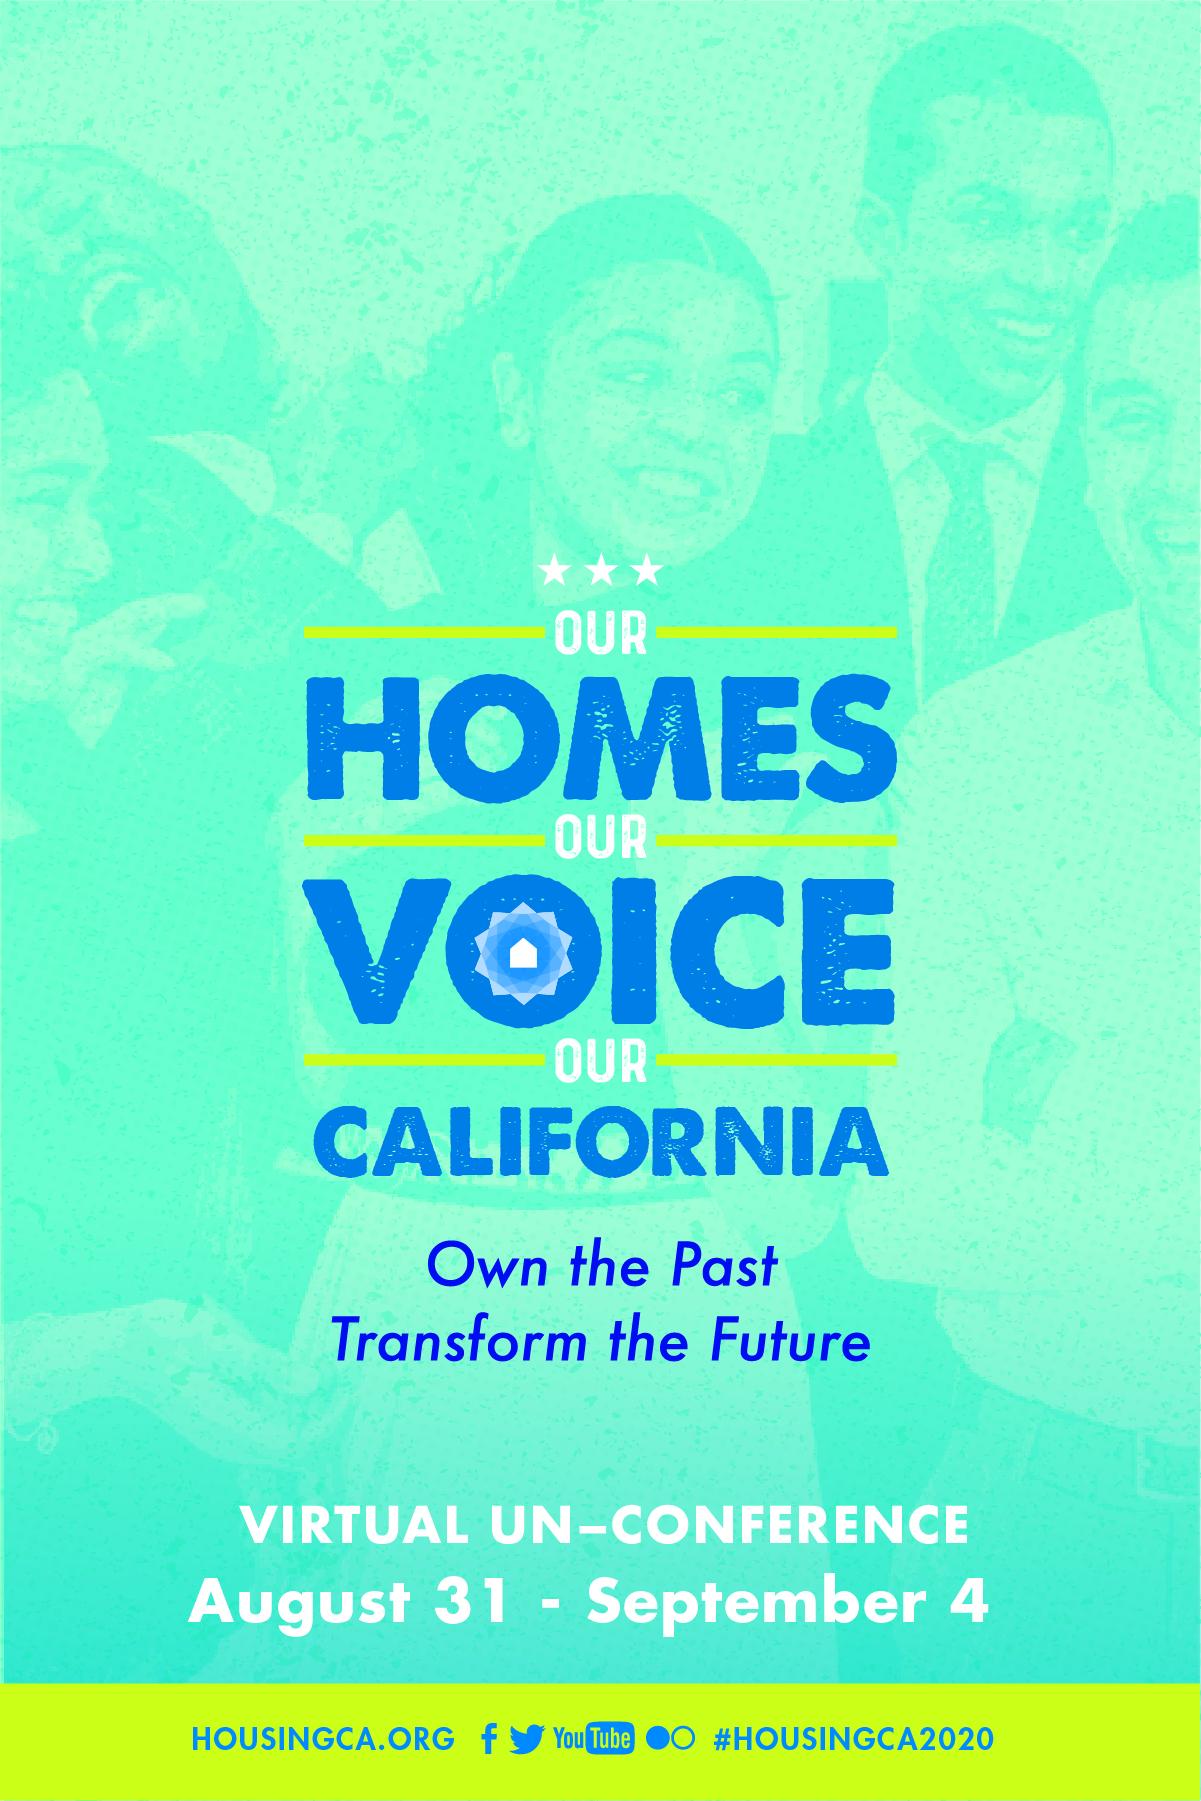 Housing California Virtual Un-Conference poster